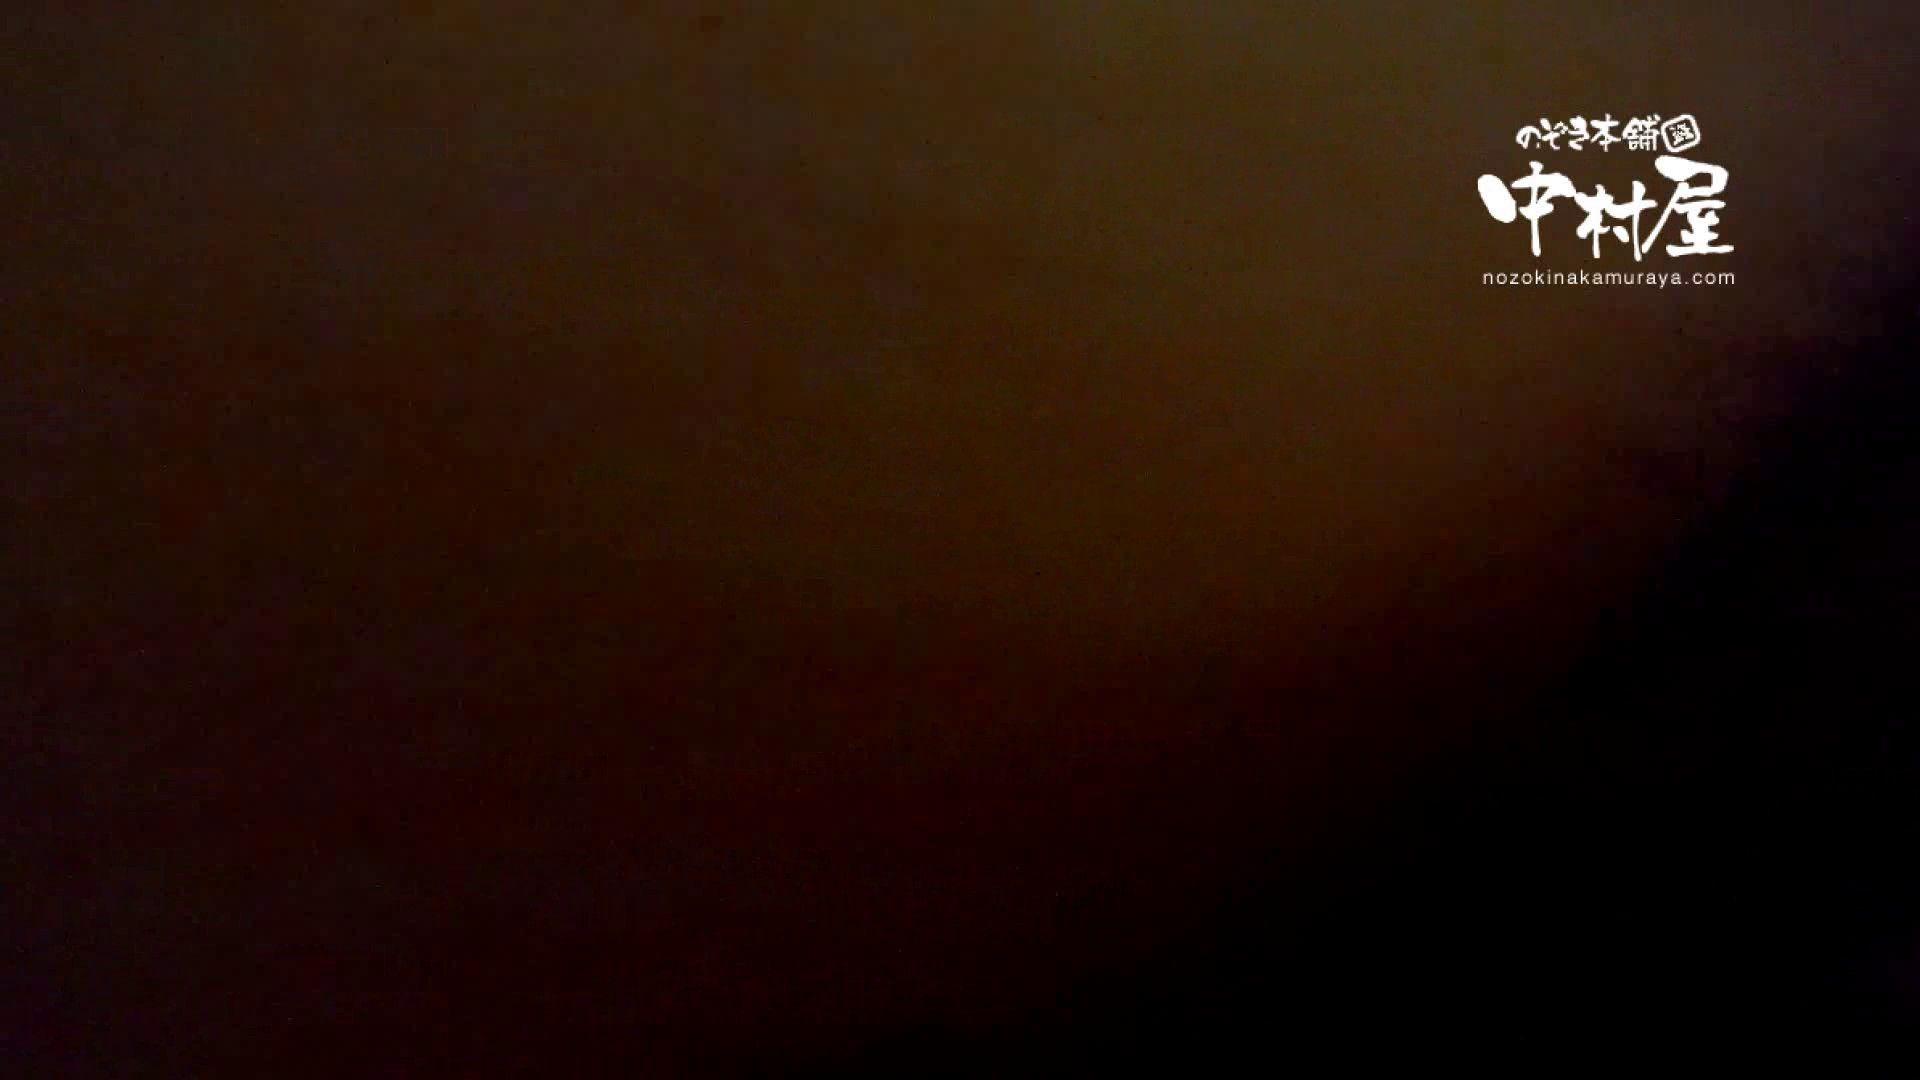 鬼畜 vol.16 実はマンざらでもない柔らかおっぱいちゃん 前編 おっぱい 盗撮動画紹介 95PIX 53